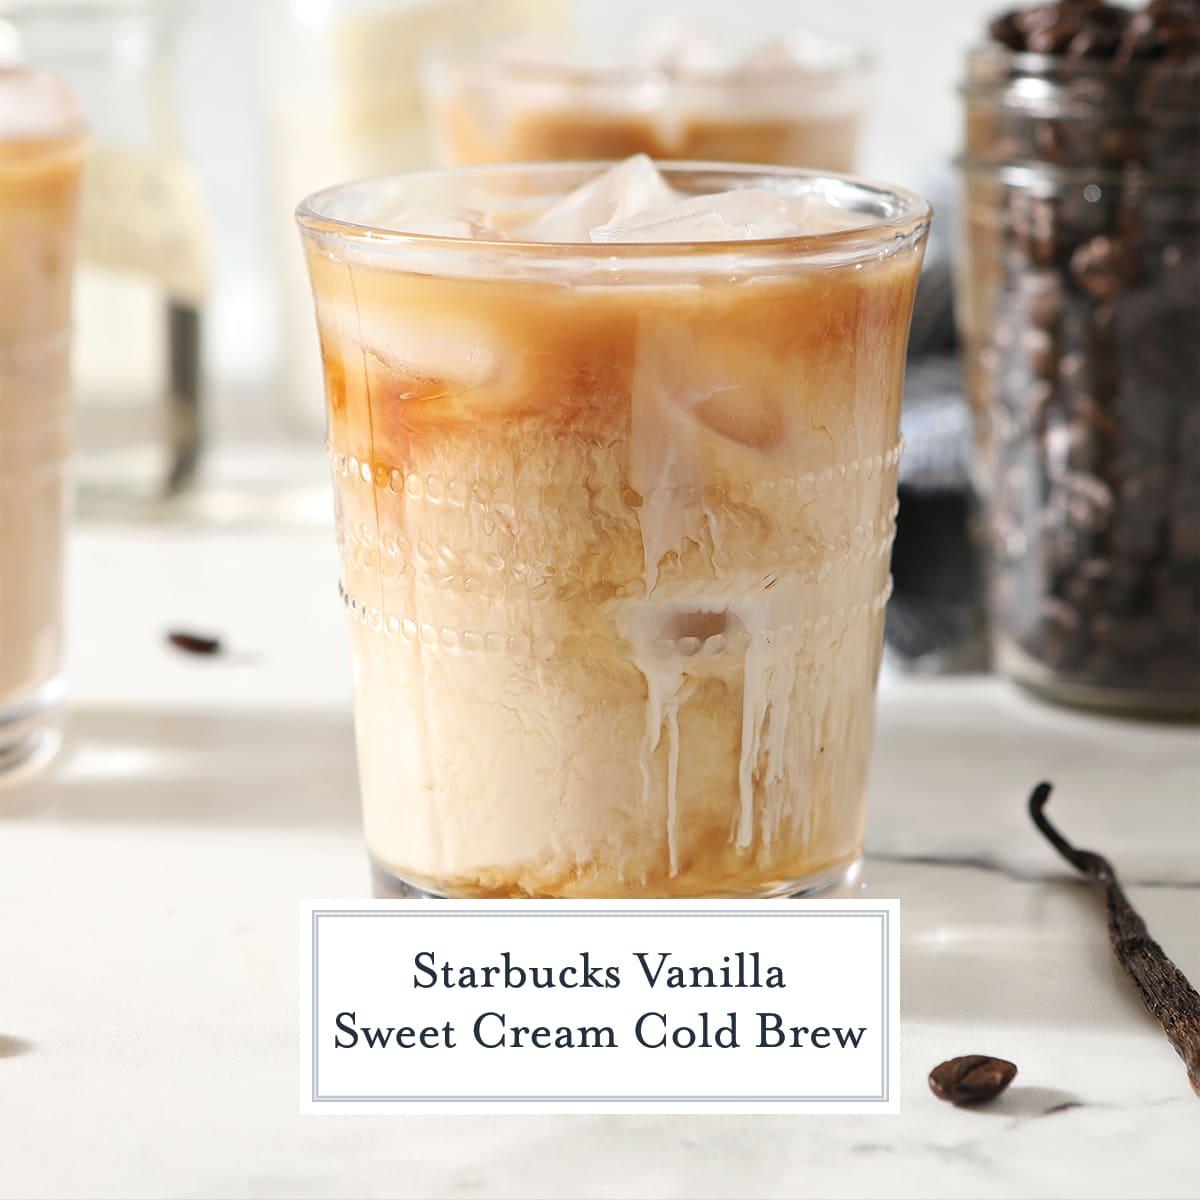 copycat starbucks vanilla cold brew in a glass